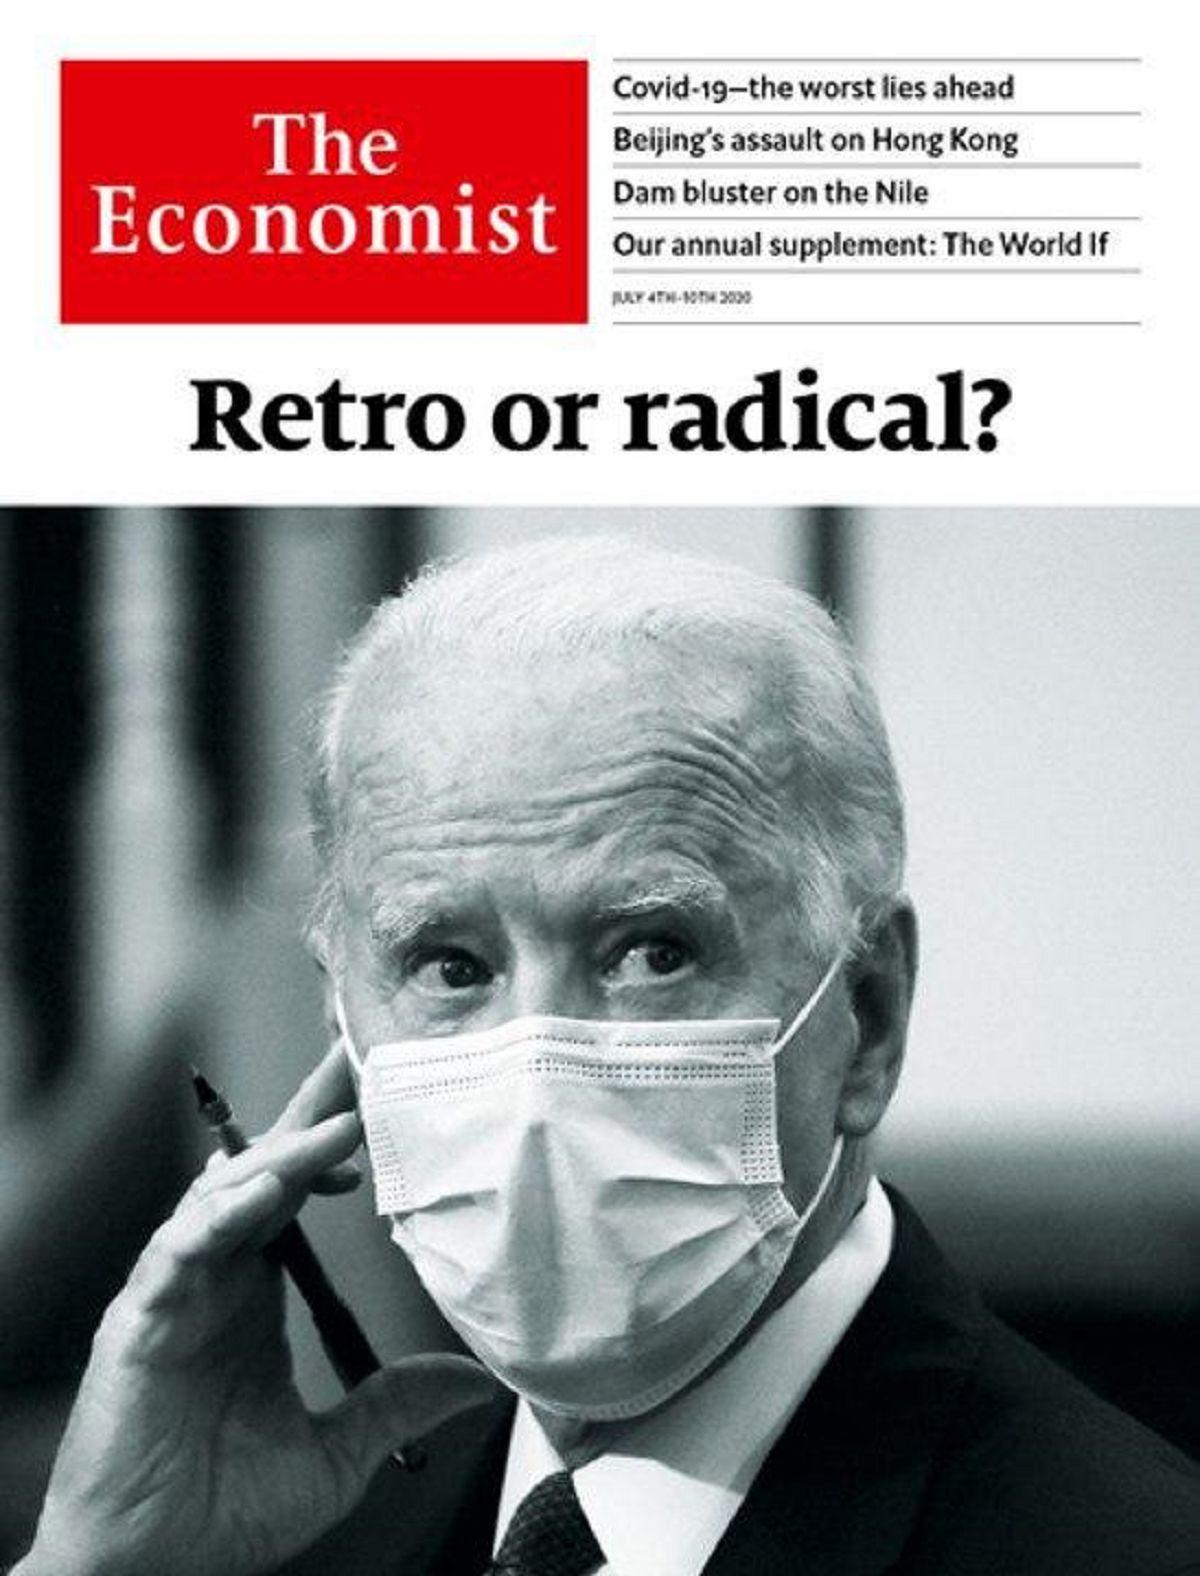 """""""محافظه کار یا رادیکال؟"""" روی جلد اکونومیست"""